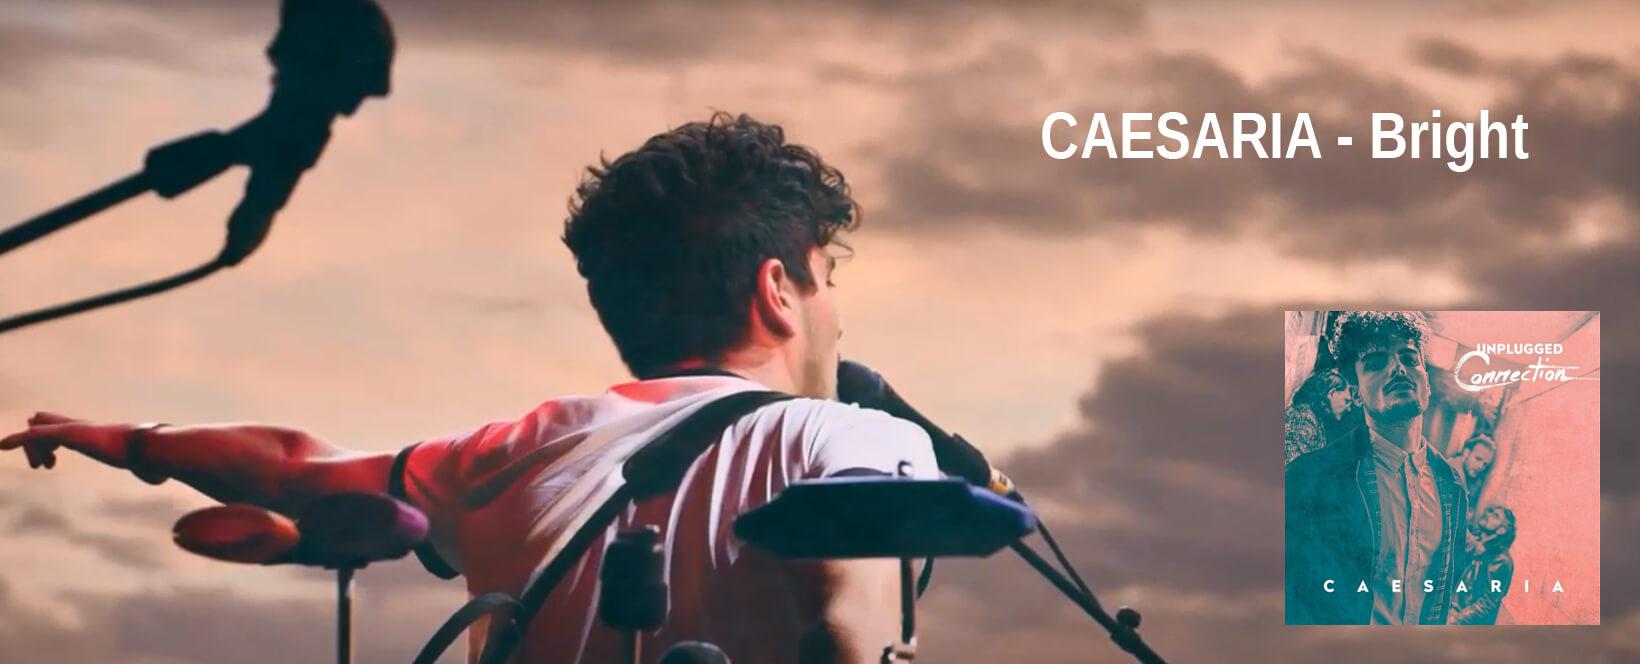 BC-361-Album - Caesaria : Bright - Radio Galaxie 98.5FM